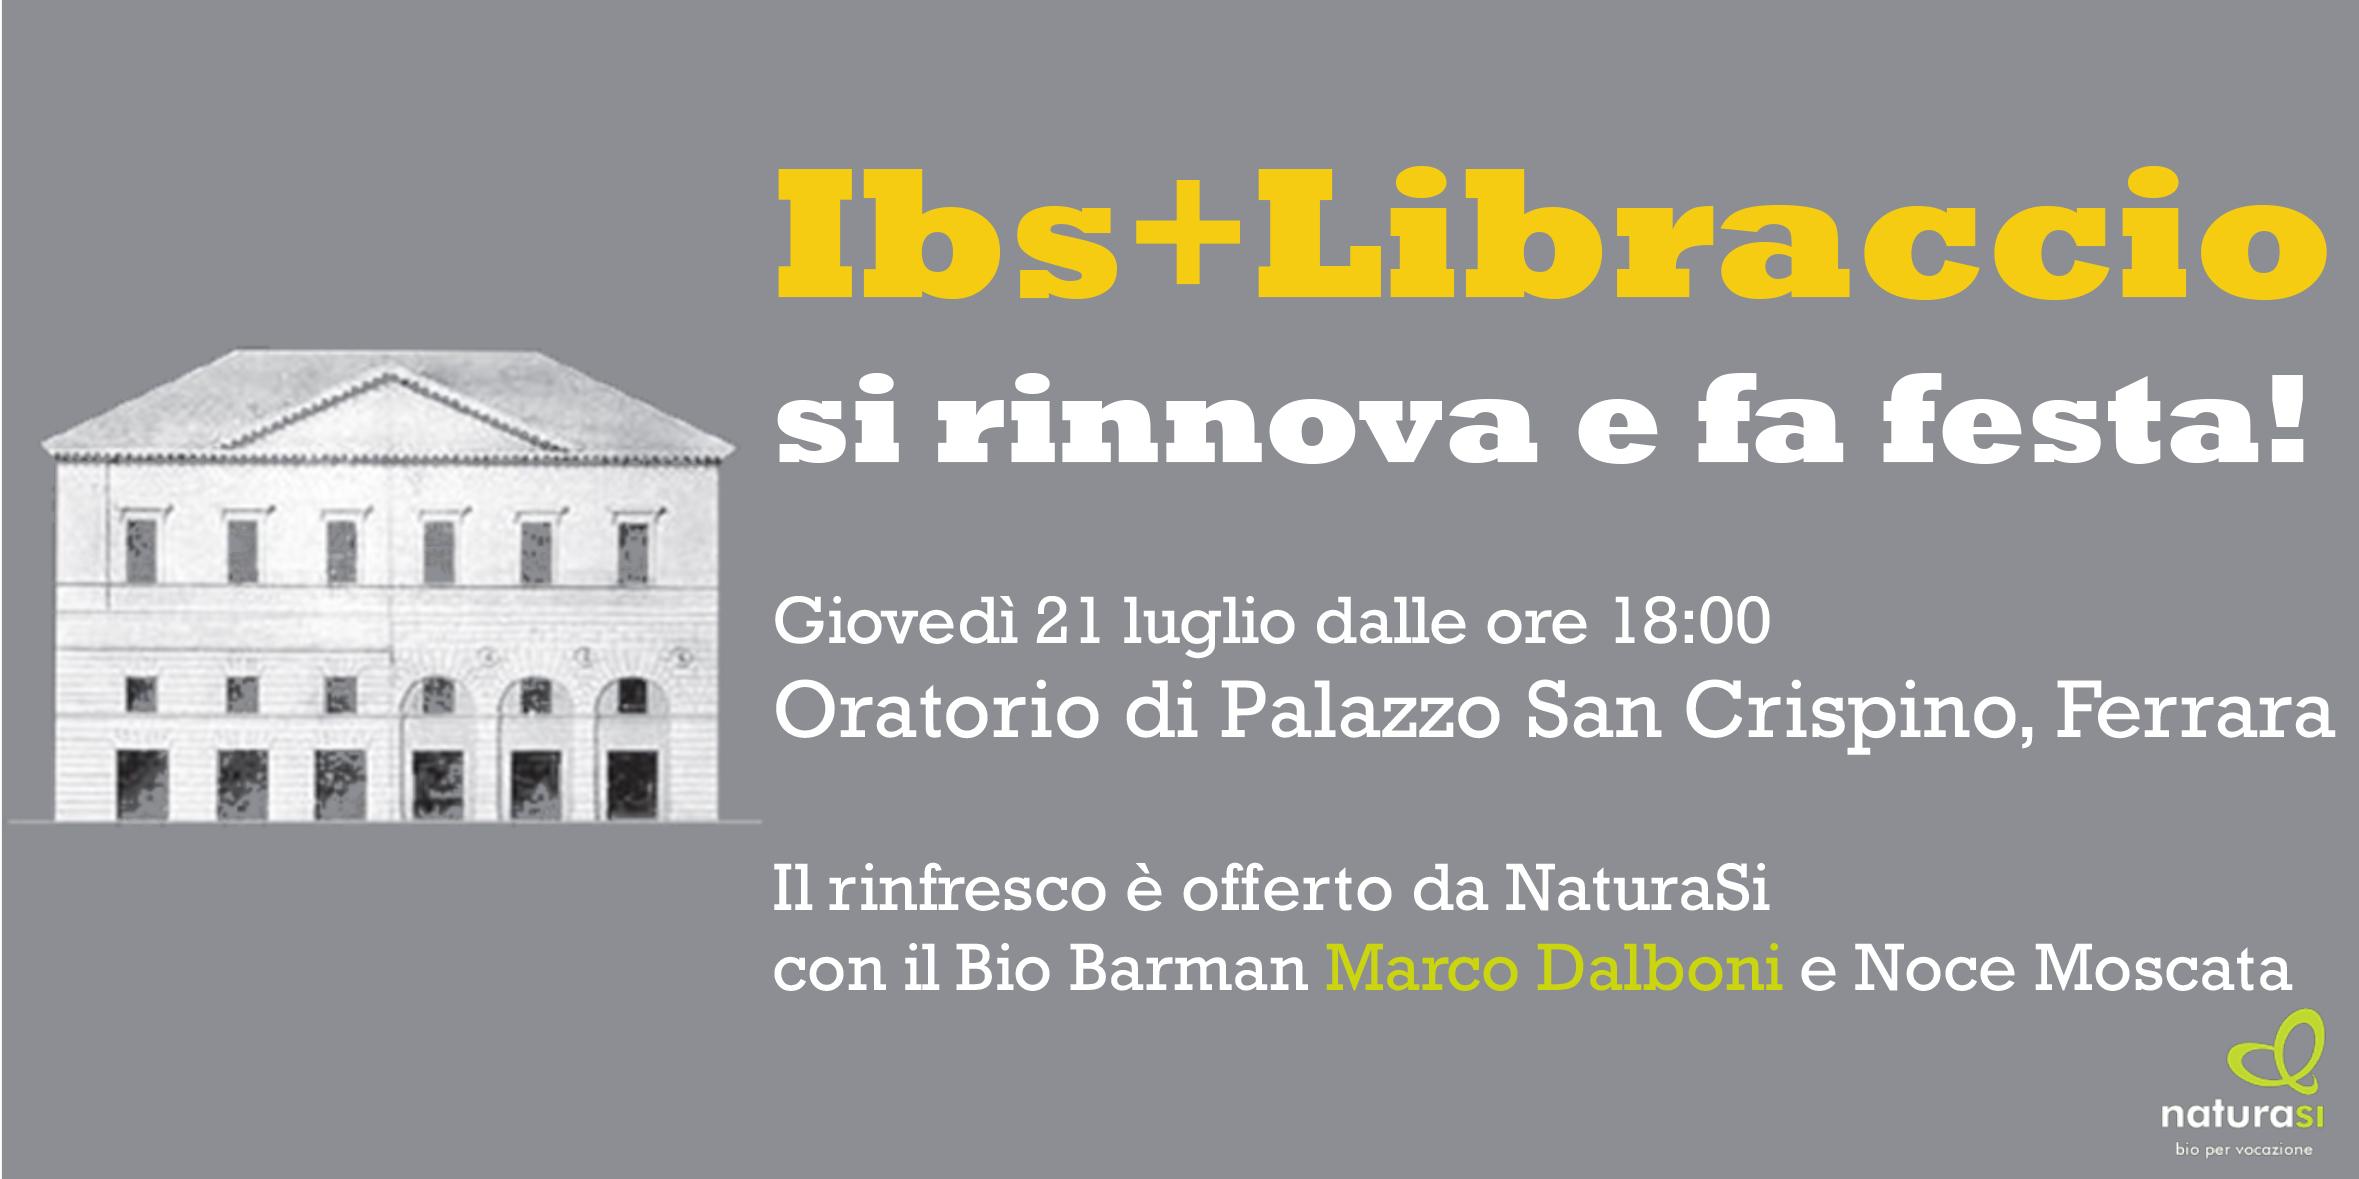 Invito Festa Libraccio